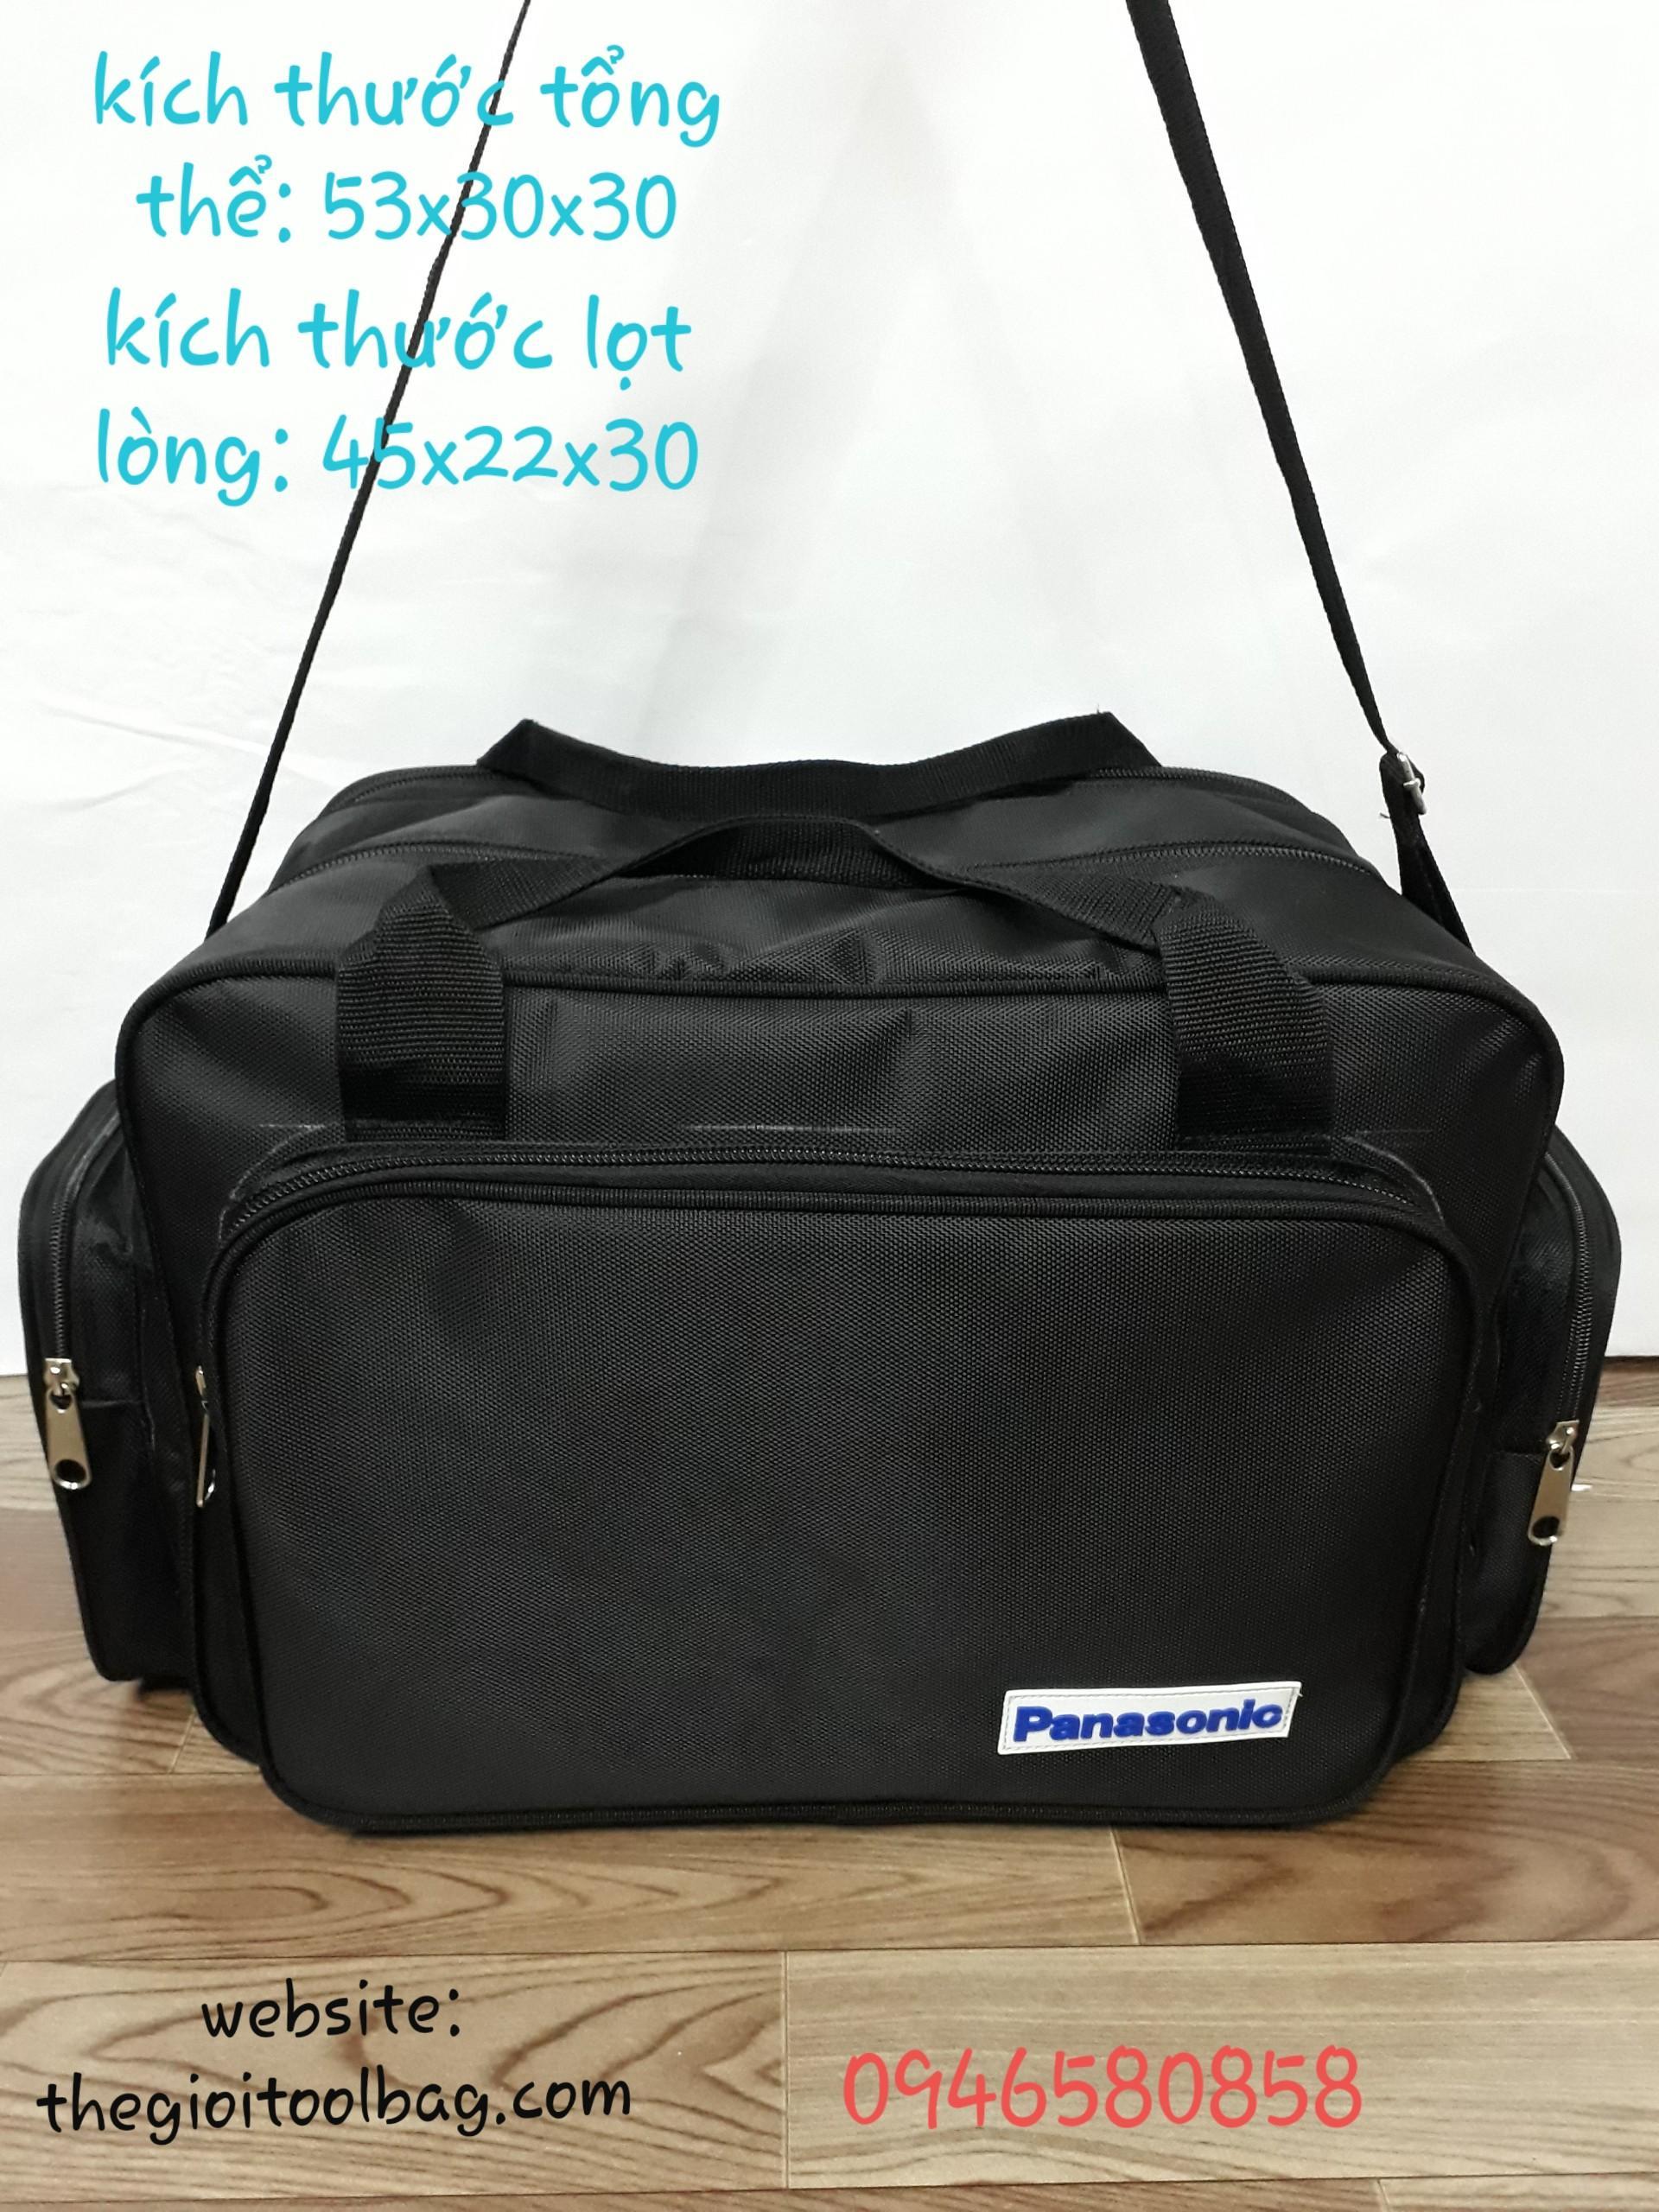 Túi đựng đồ nghề PANASONIC size lớn hàng cao cấp